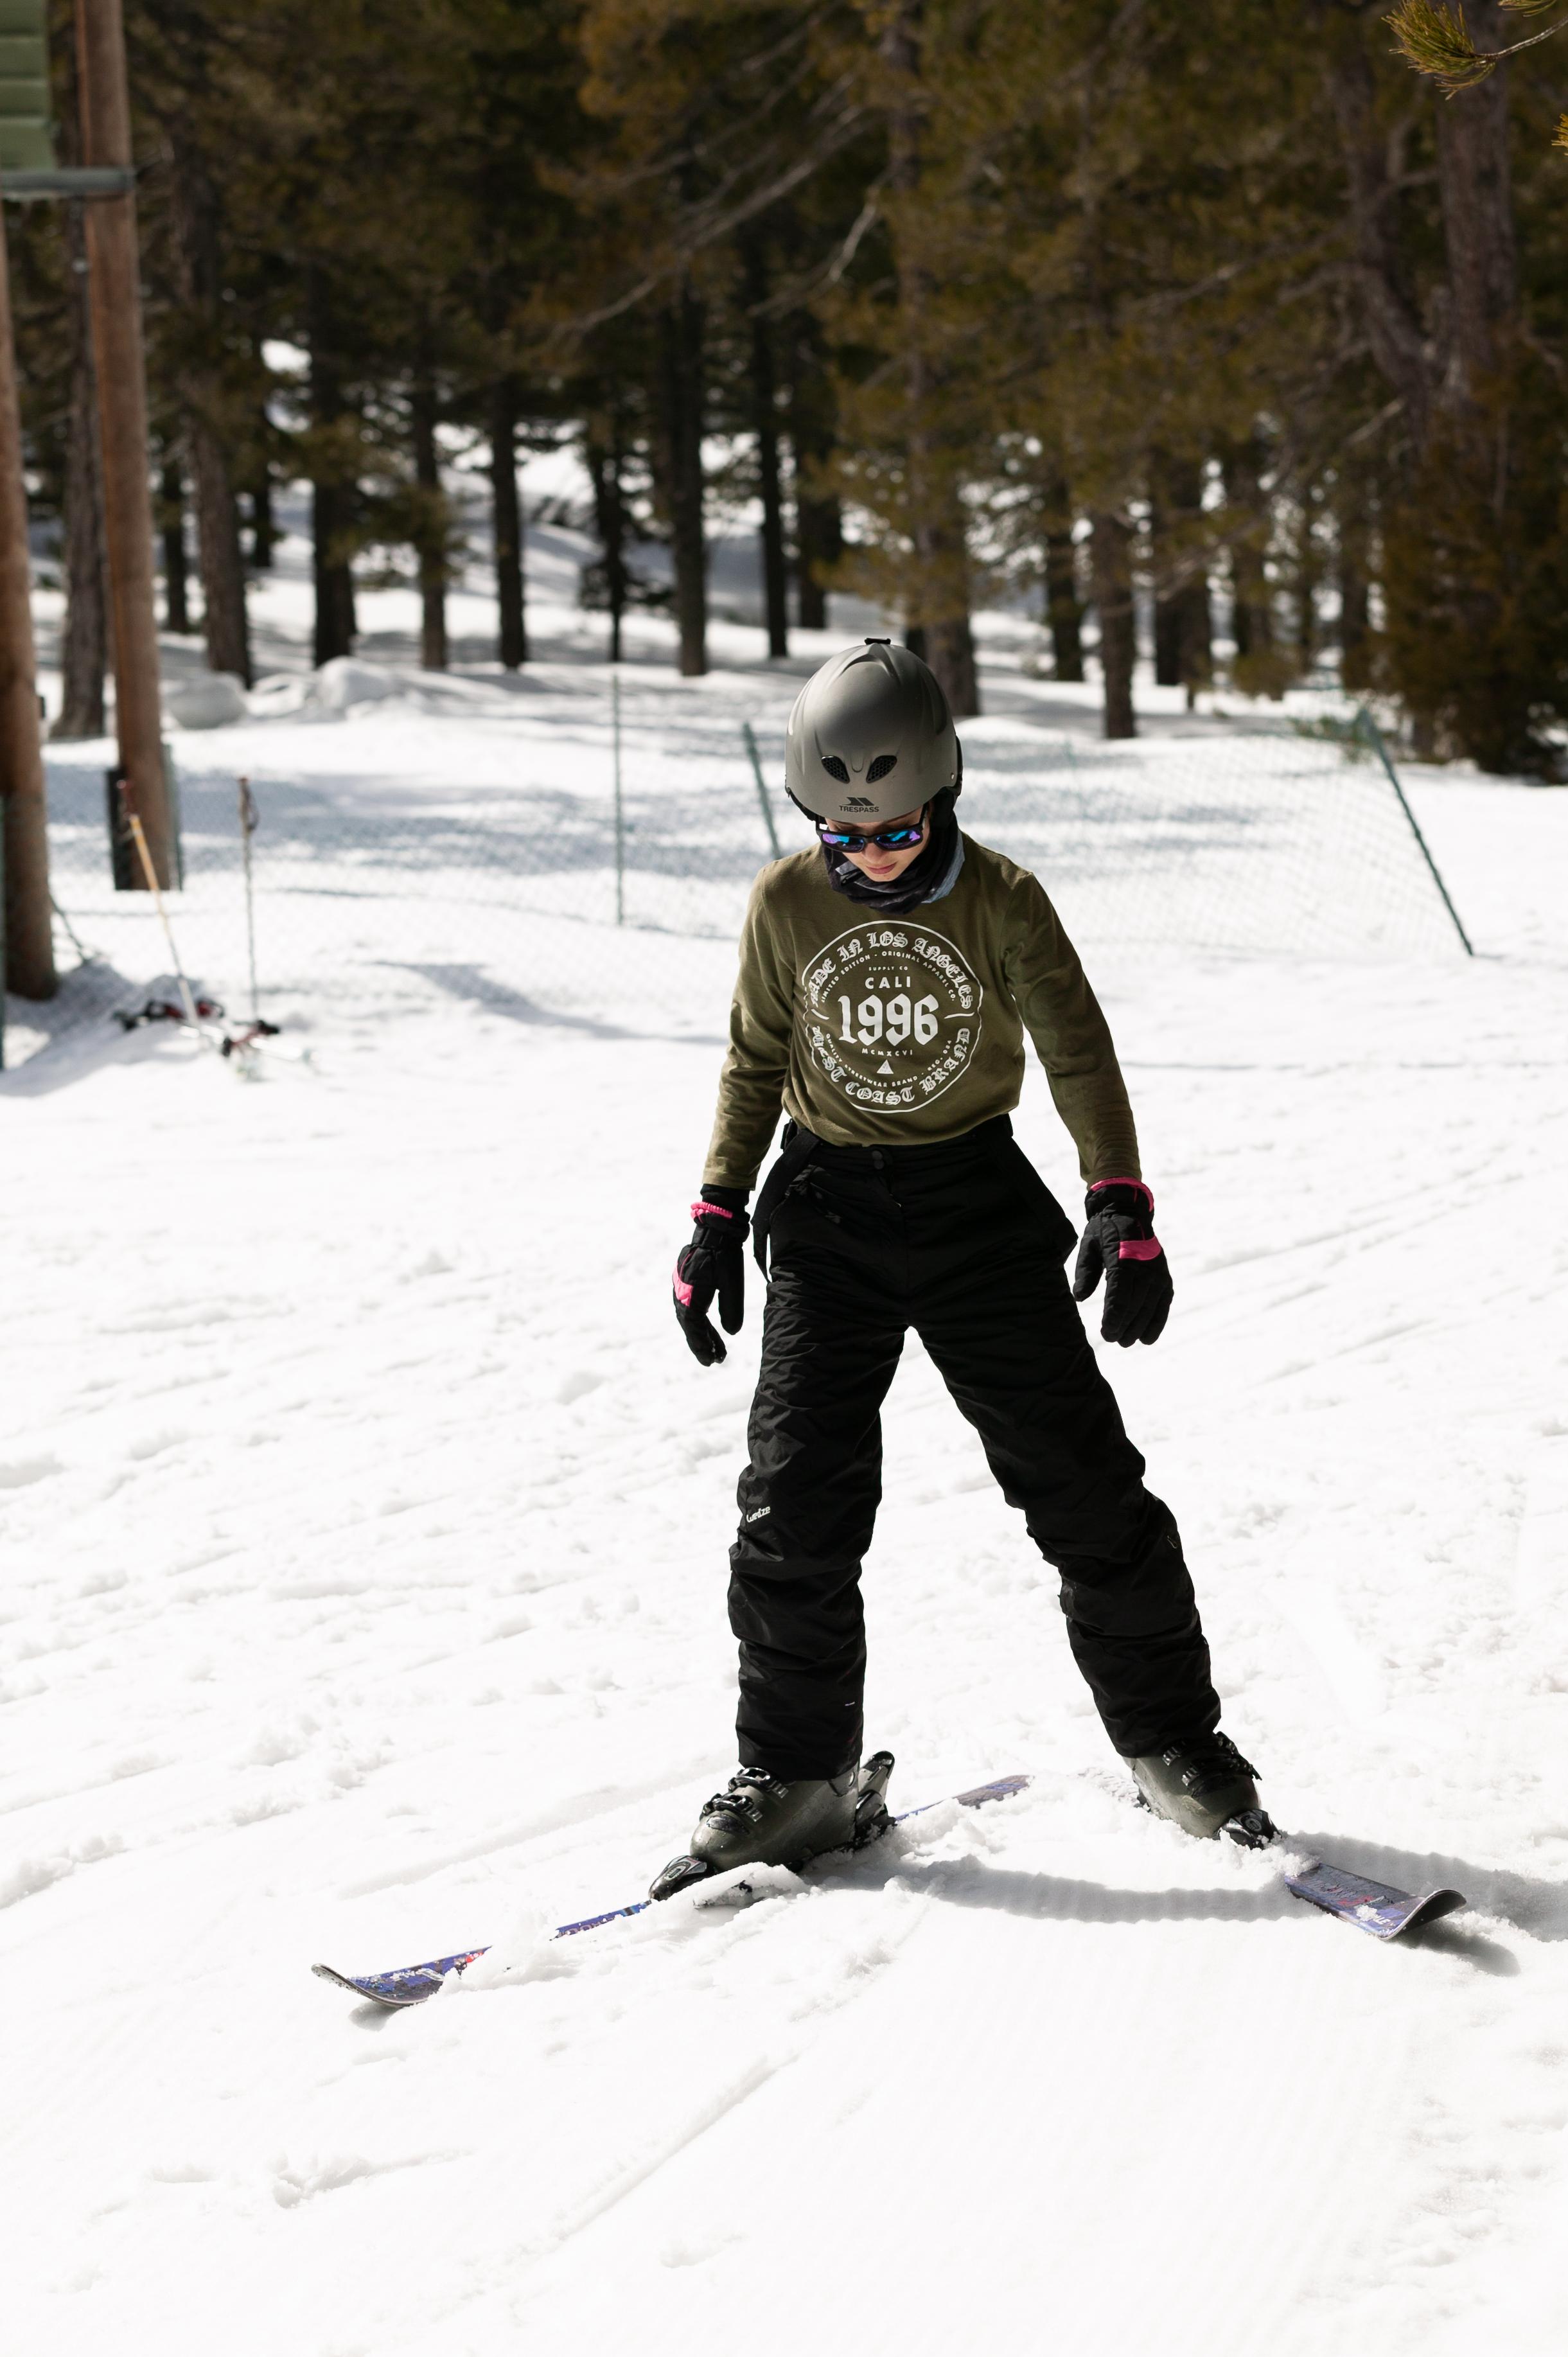 ski 25.02.19 (1 of 4)